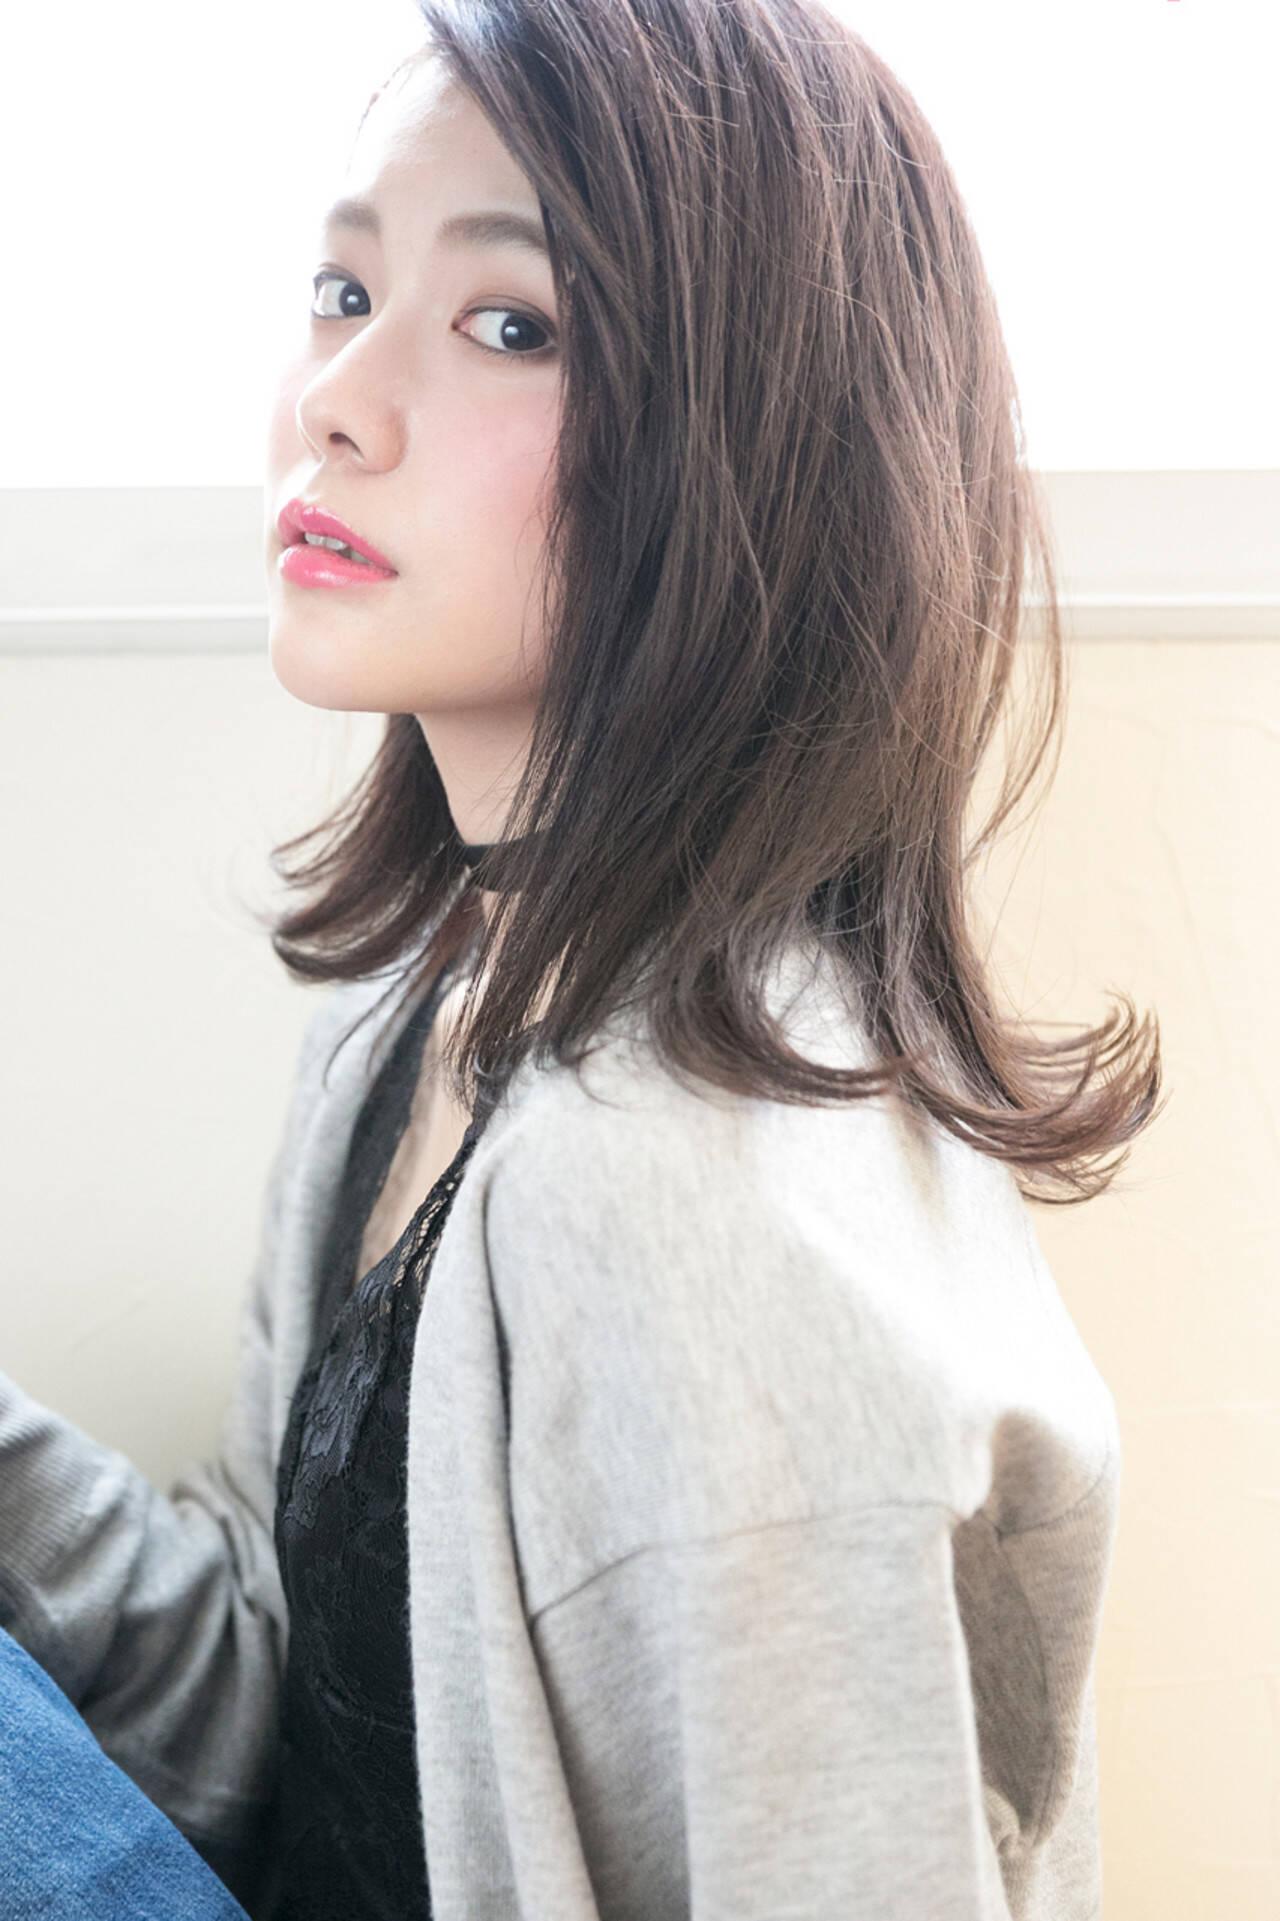 前髪あり ナチュラル ニュアンス ボブヘアスタイルや髪型の写真・画像